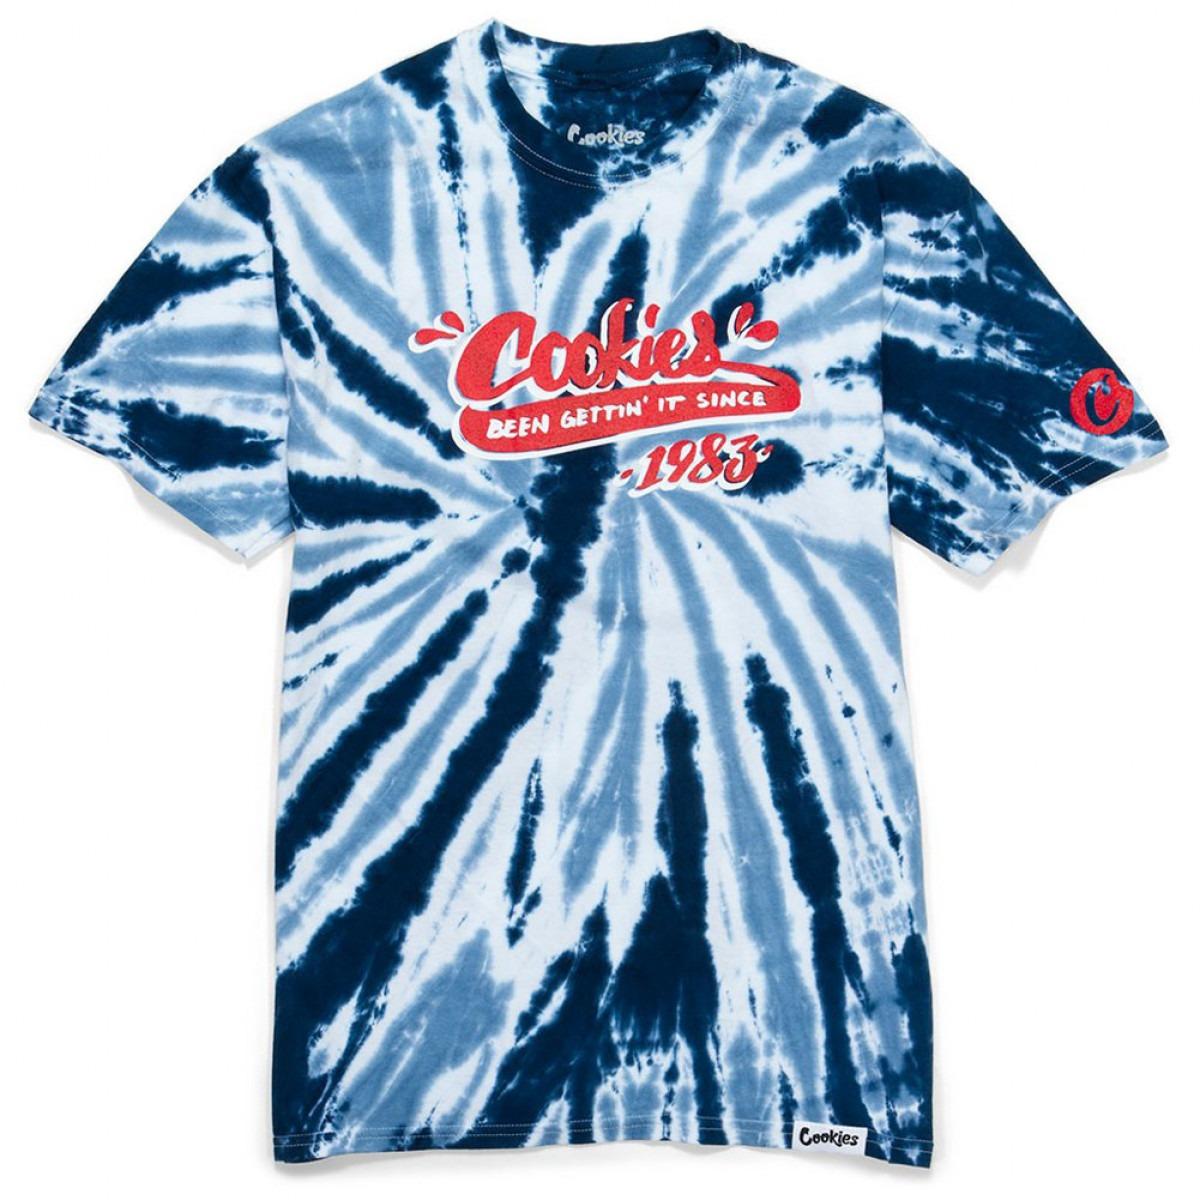 Been Getting It Tie Dye T Shirt Blue